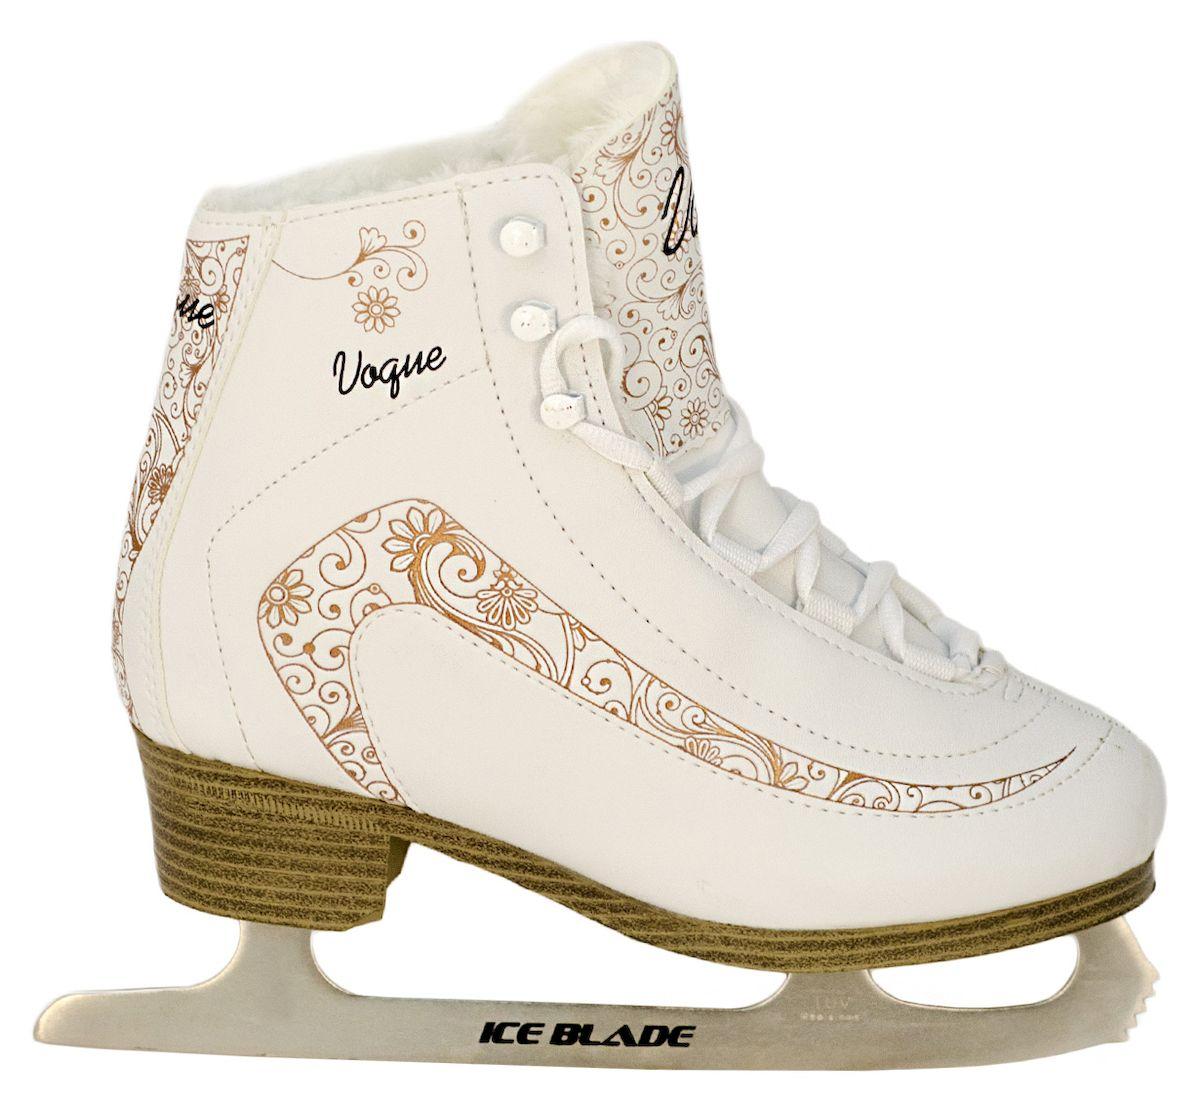 Коньки фигурные Ice Blade Vogue, цвет: белый, золотой. УТ-00006871. Размер 35